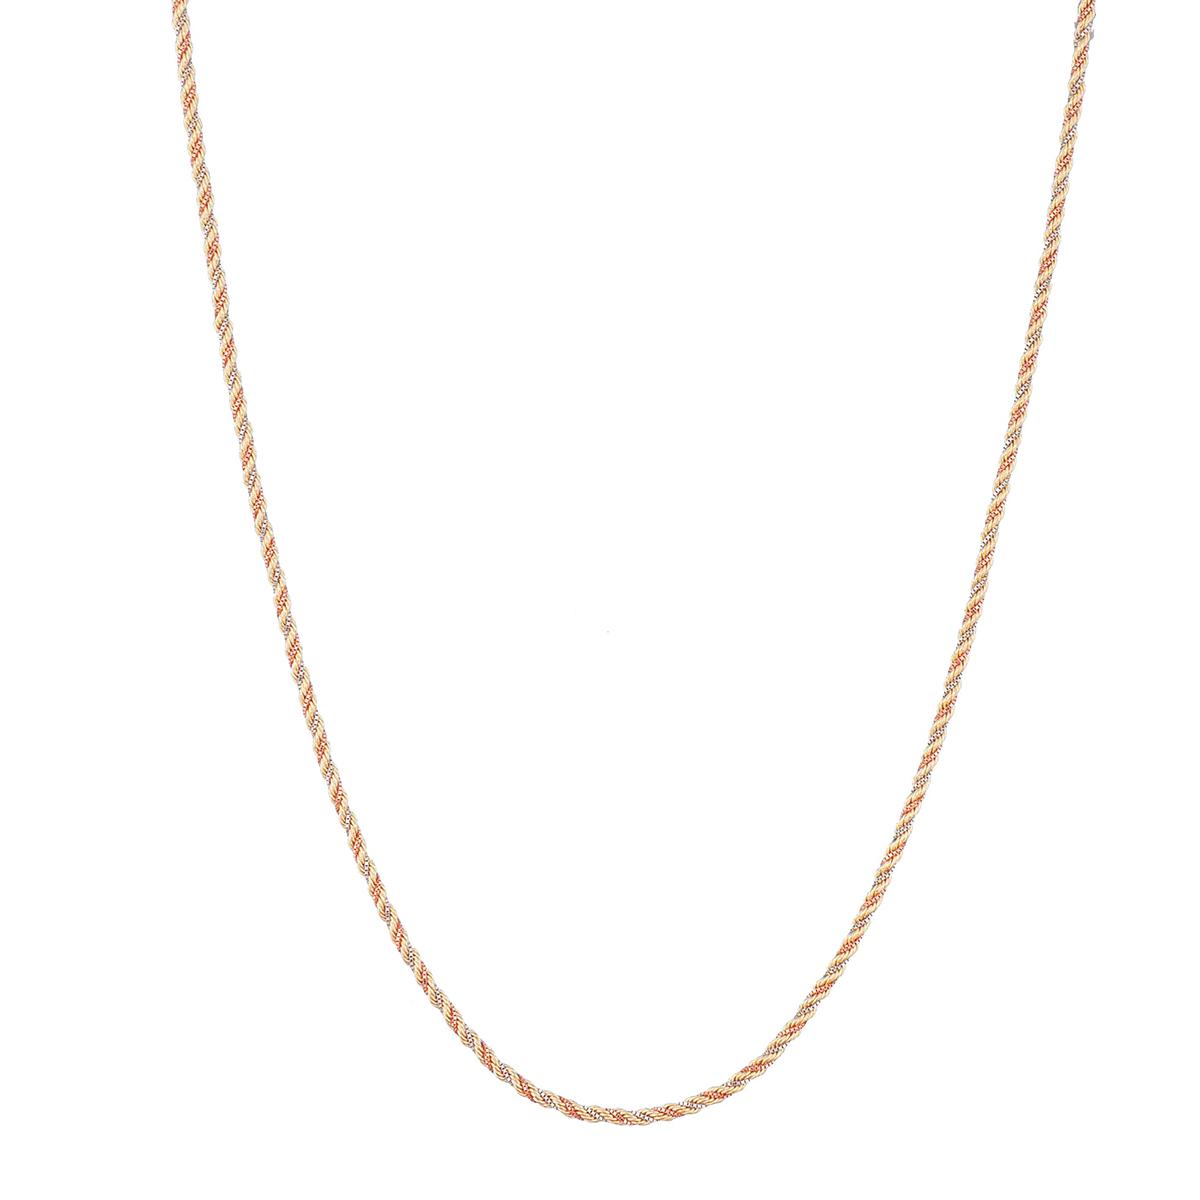 Corrente Colar Feminino 45cm Cordão Baiano Tricolor De Ouro 18k